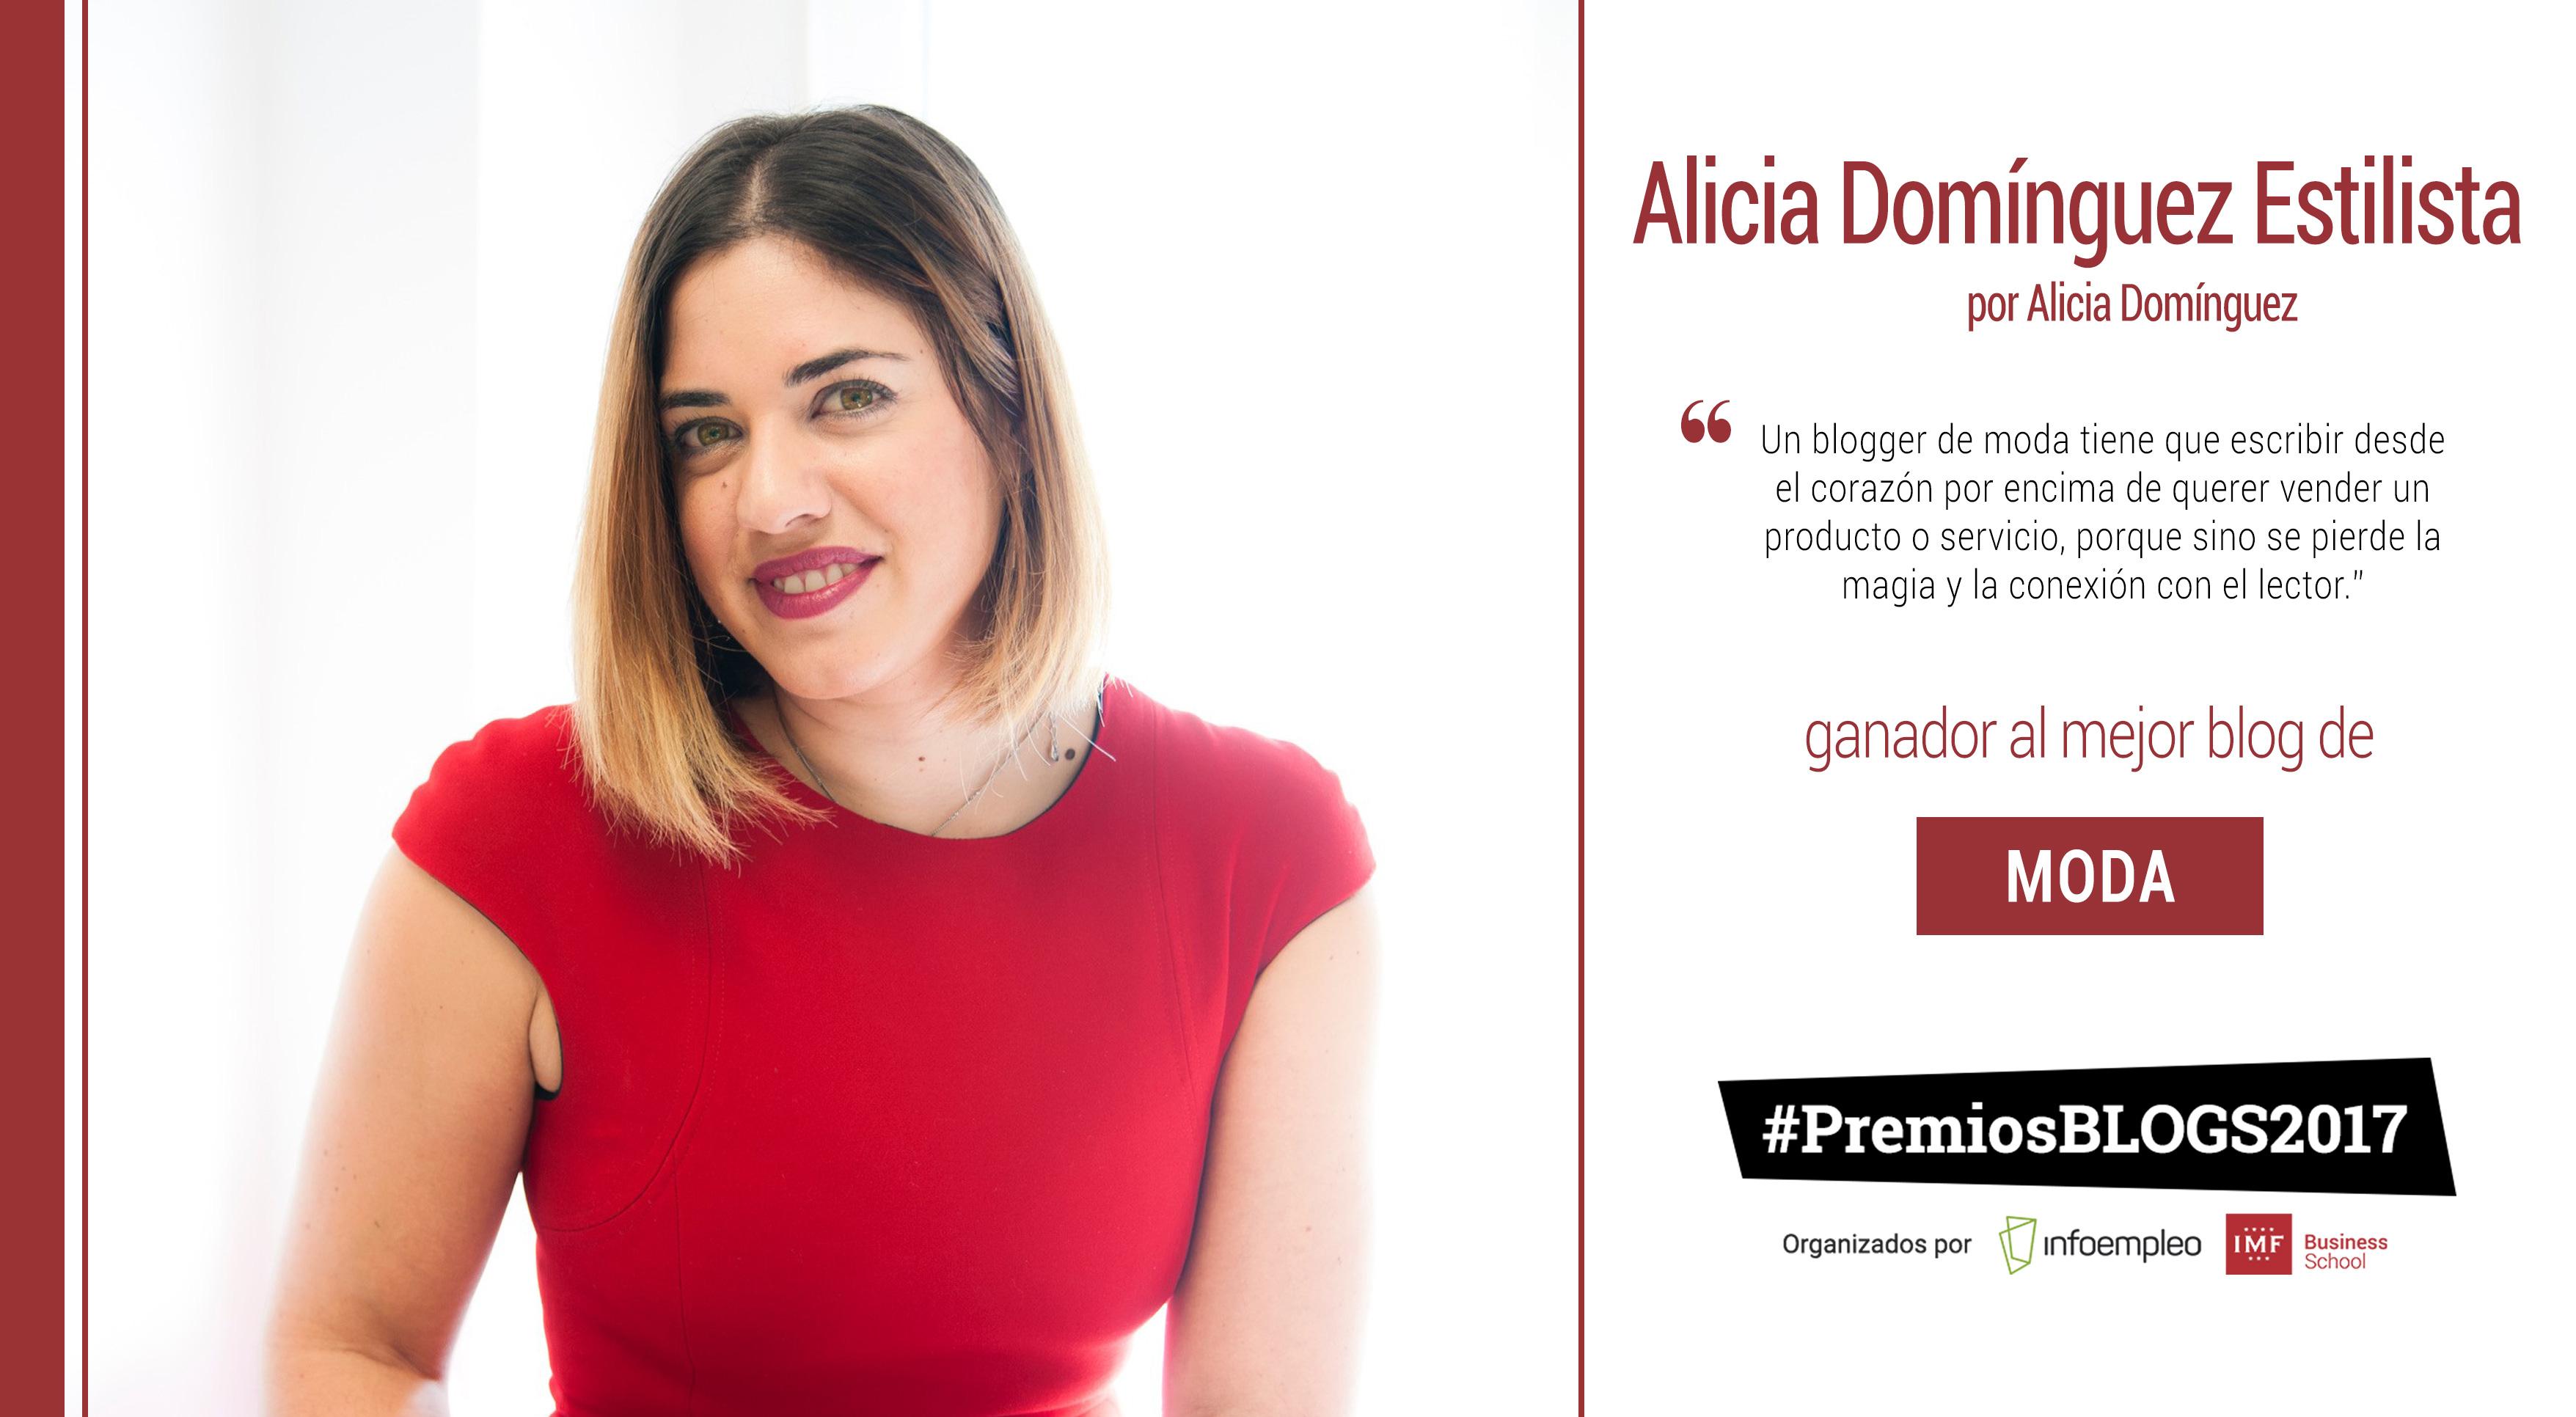 ganador-premios-blog-moda-alicia-dominguez-estilista Alicia Domínguez Estilista, mejor blog de moda en los #PremiosBlogs2017